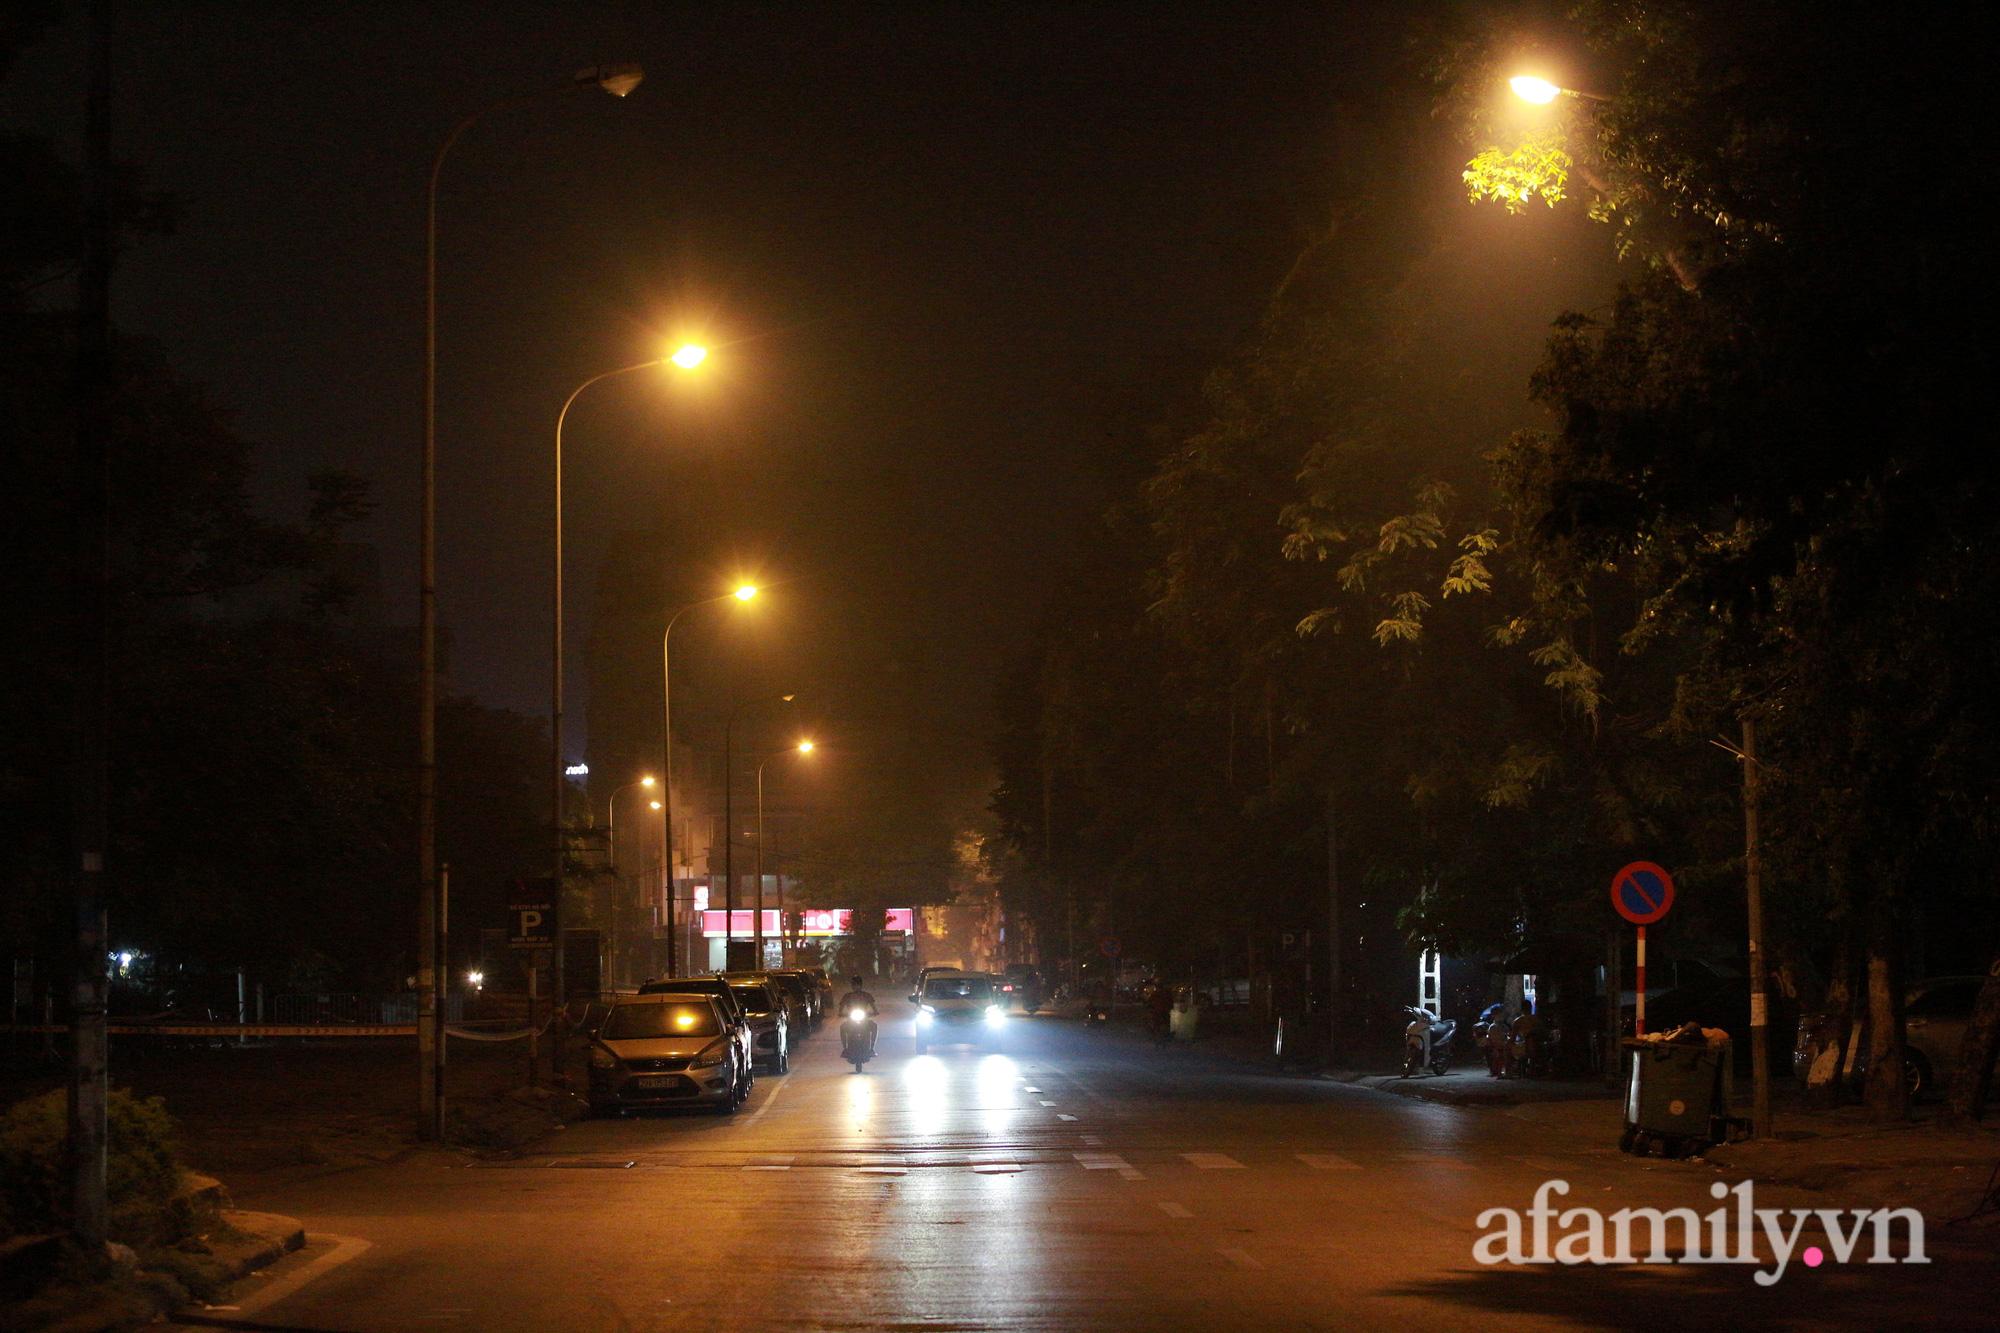 Bầu trời Hà Nội mù mịt giữa đêm khuya  - Ảnh 10.